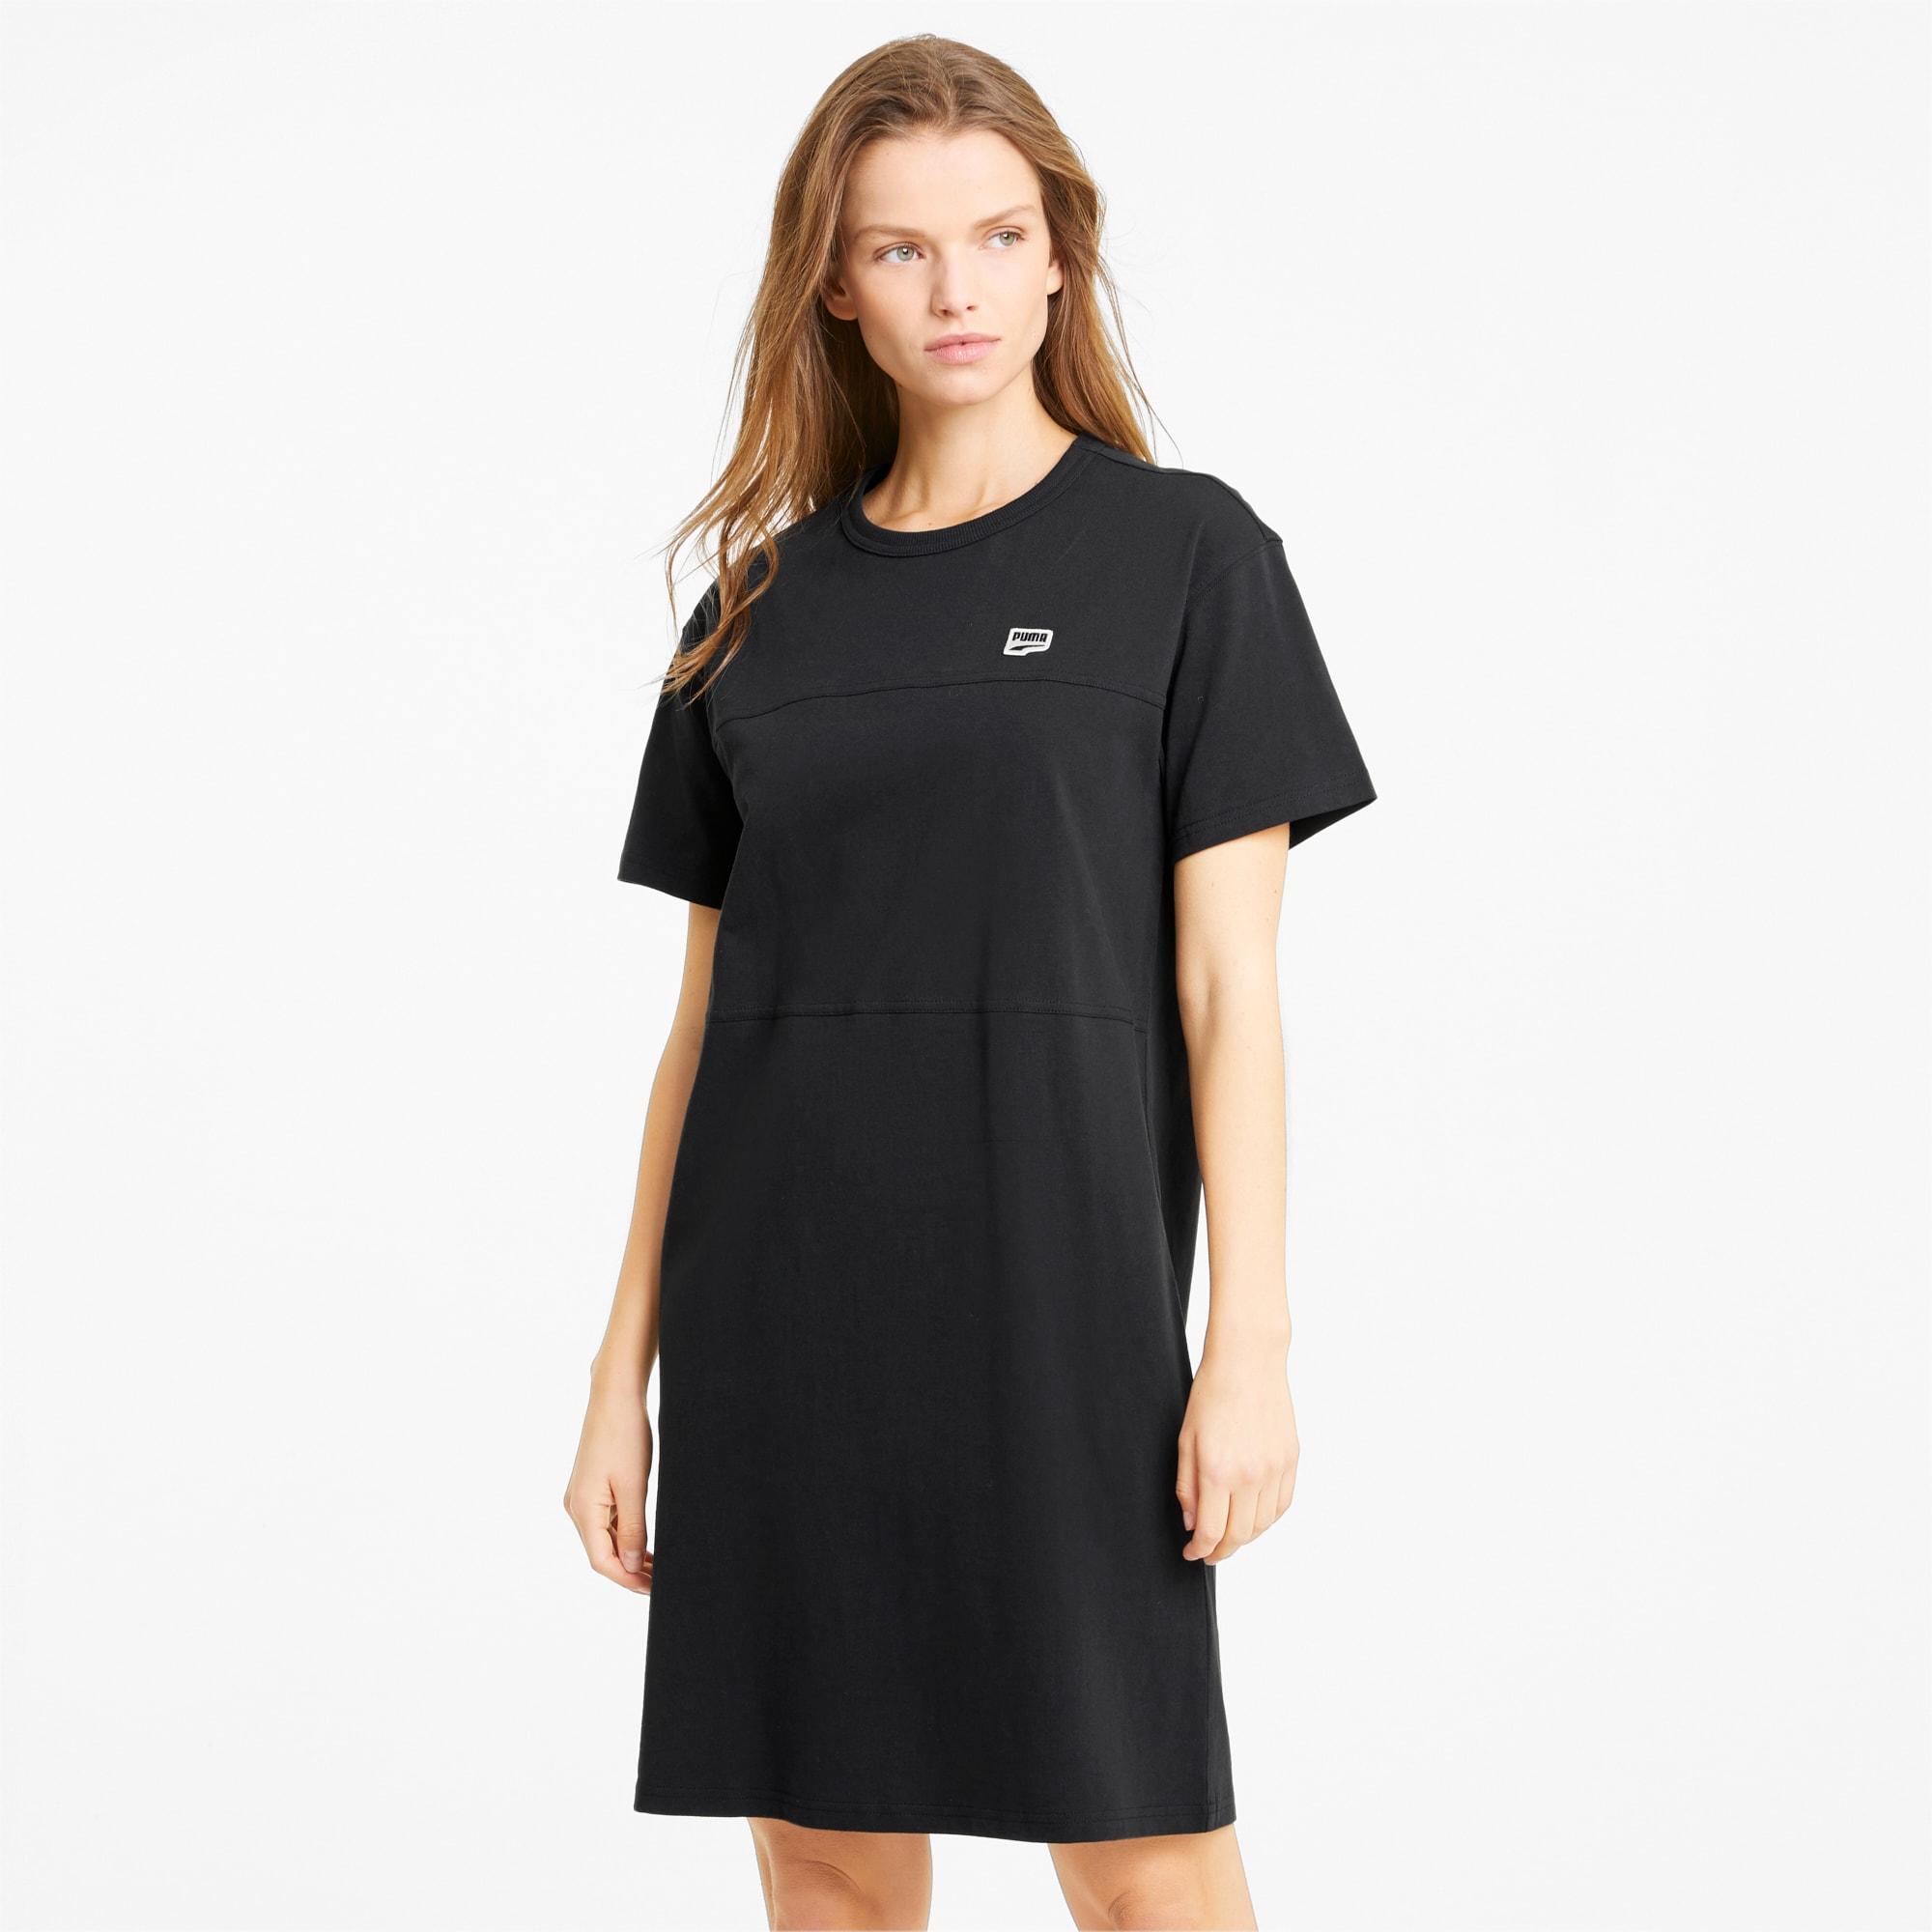 Robe T-shirt Downtown femme